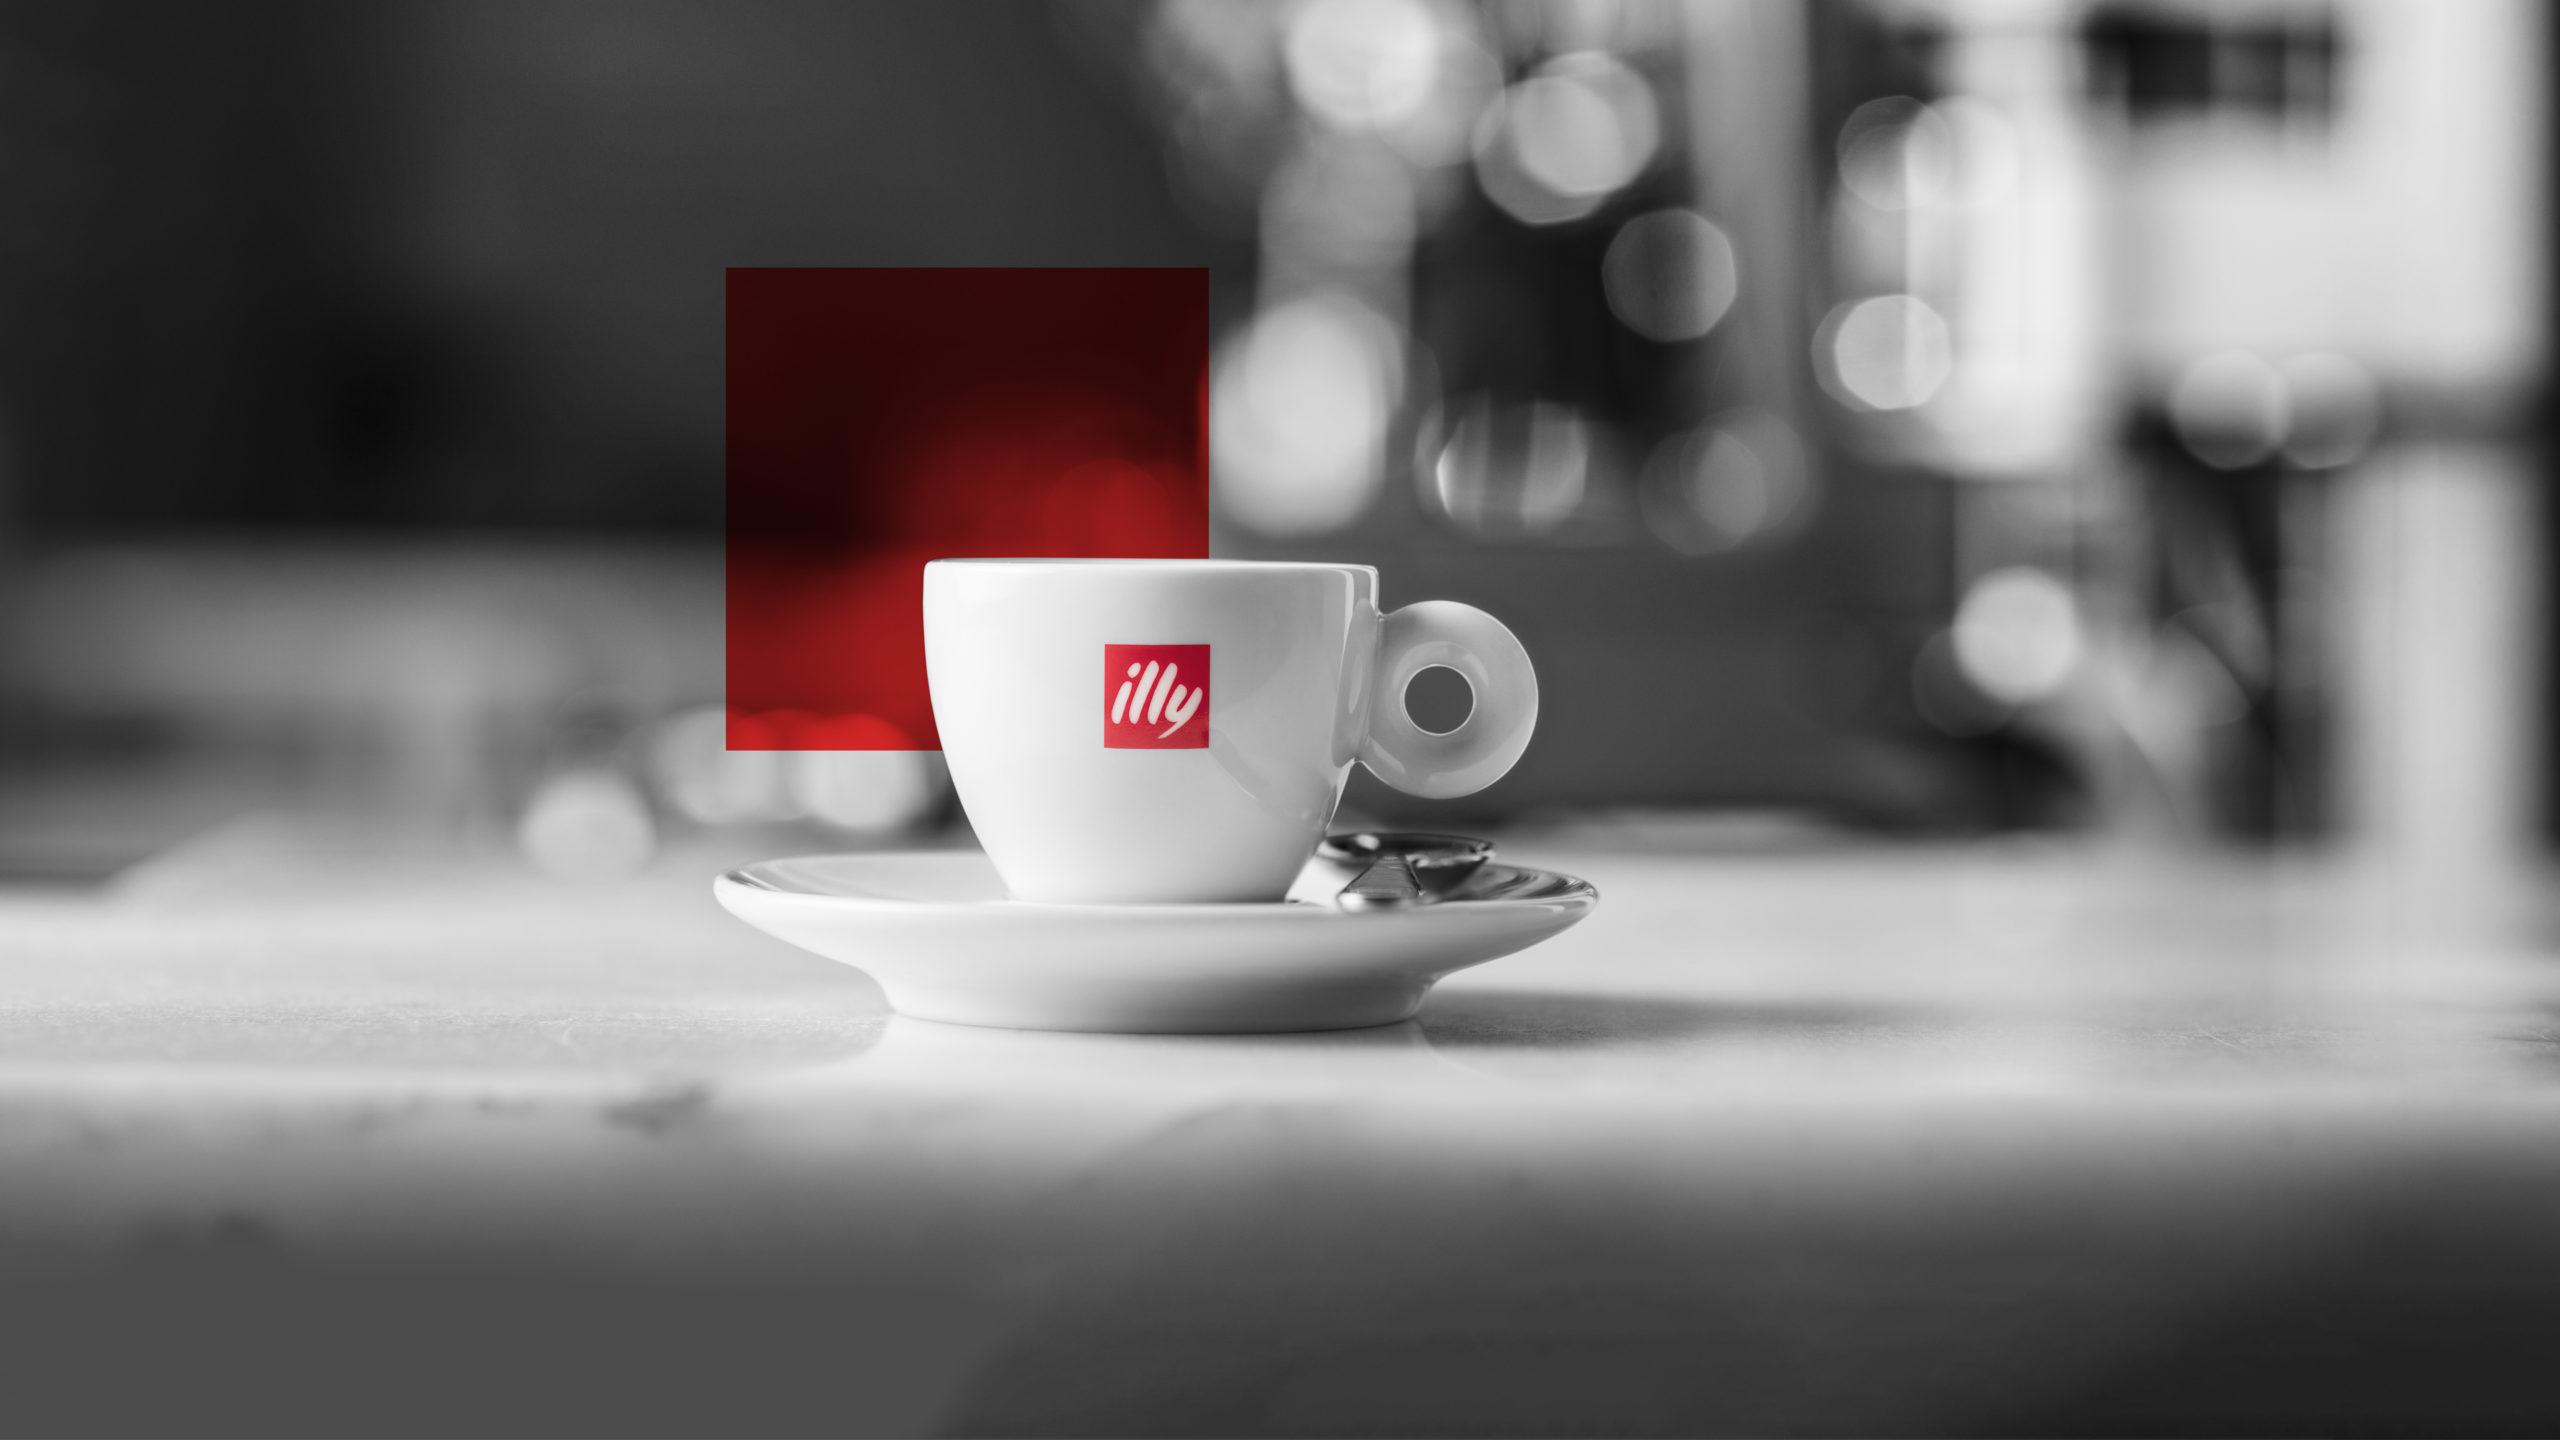 illycaffe-benoemd-tot-een-van-de-meest-ethische-bedrijven-ter-wereld